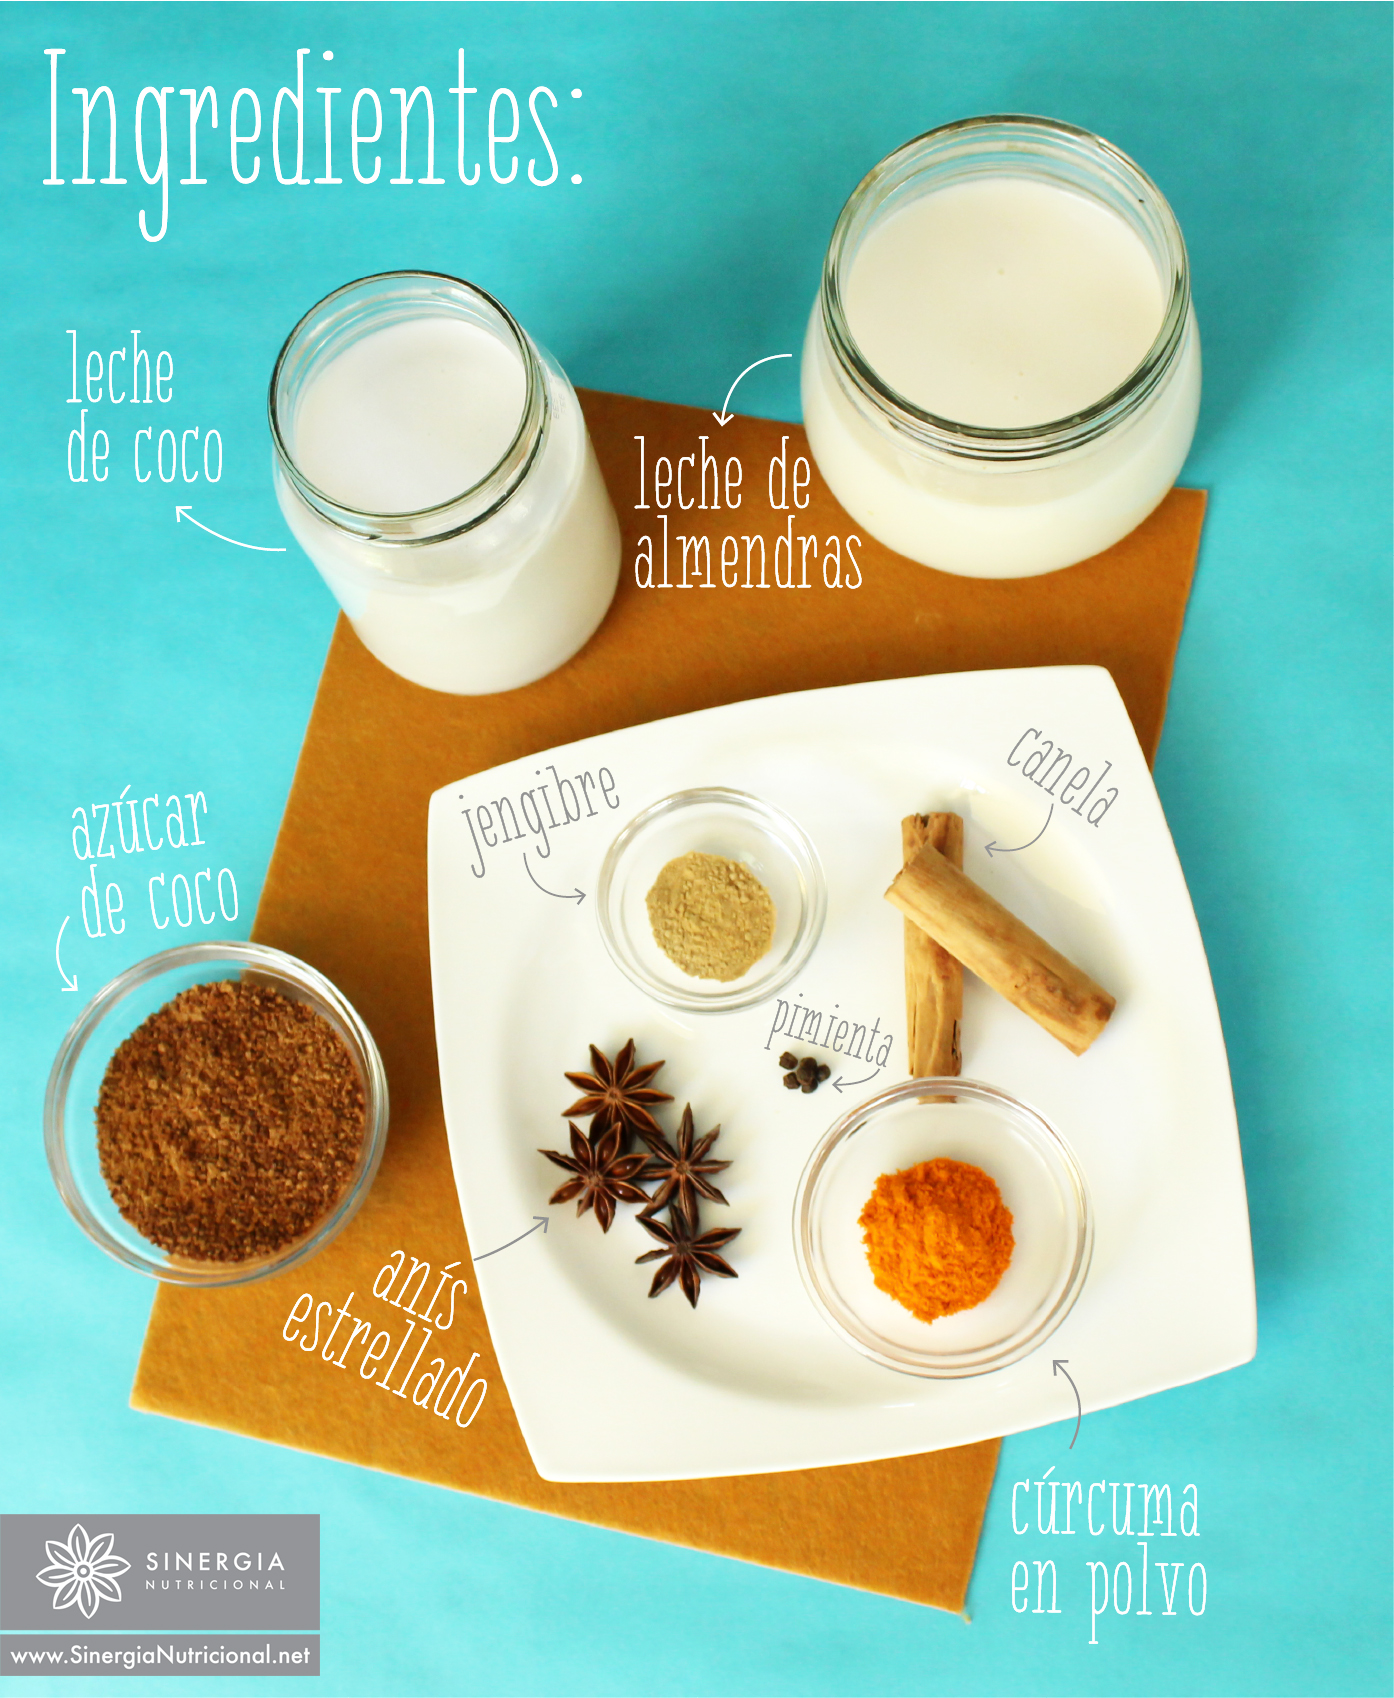 leche de coco y ajonjoli para la diabetes